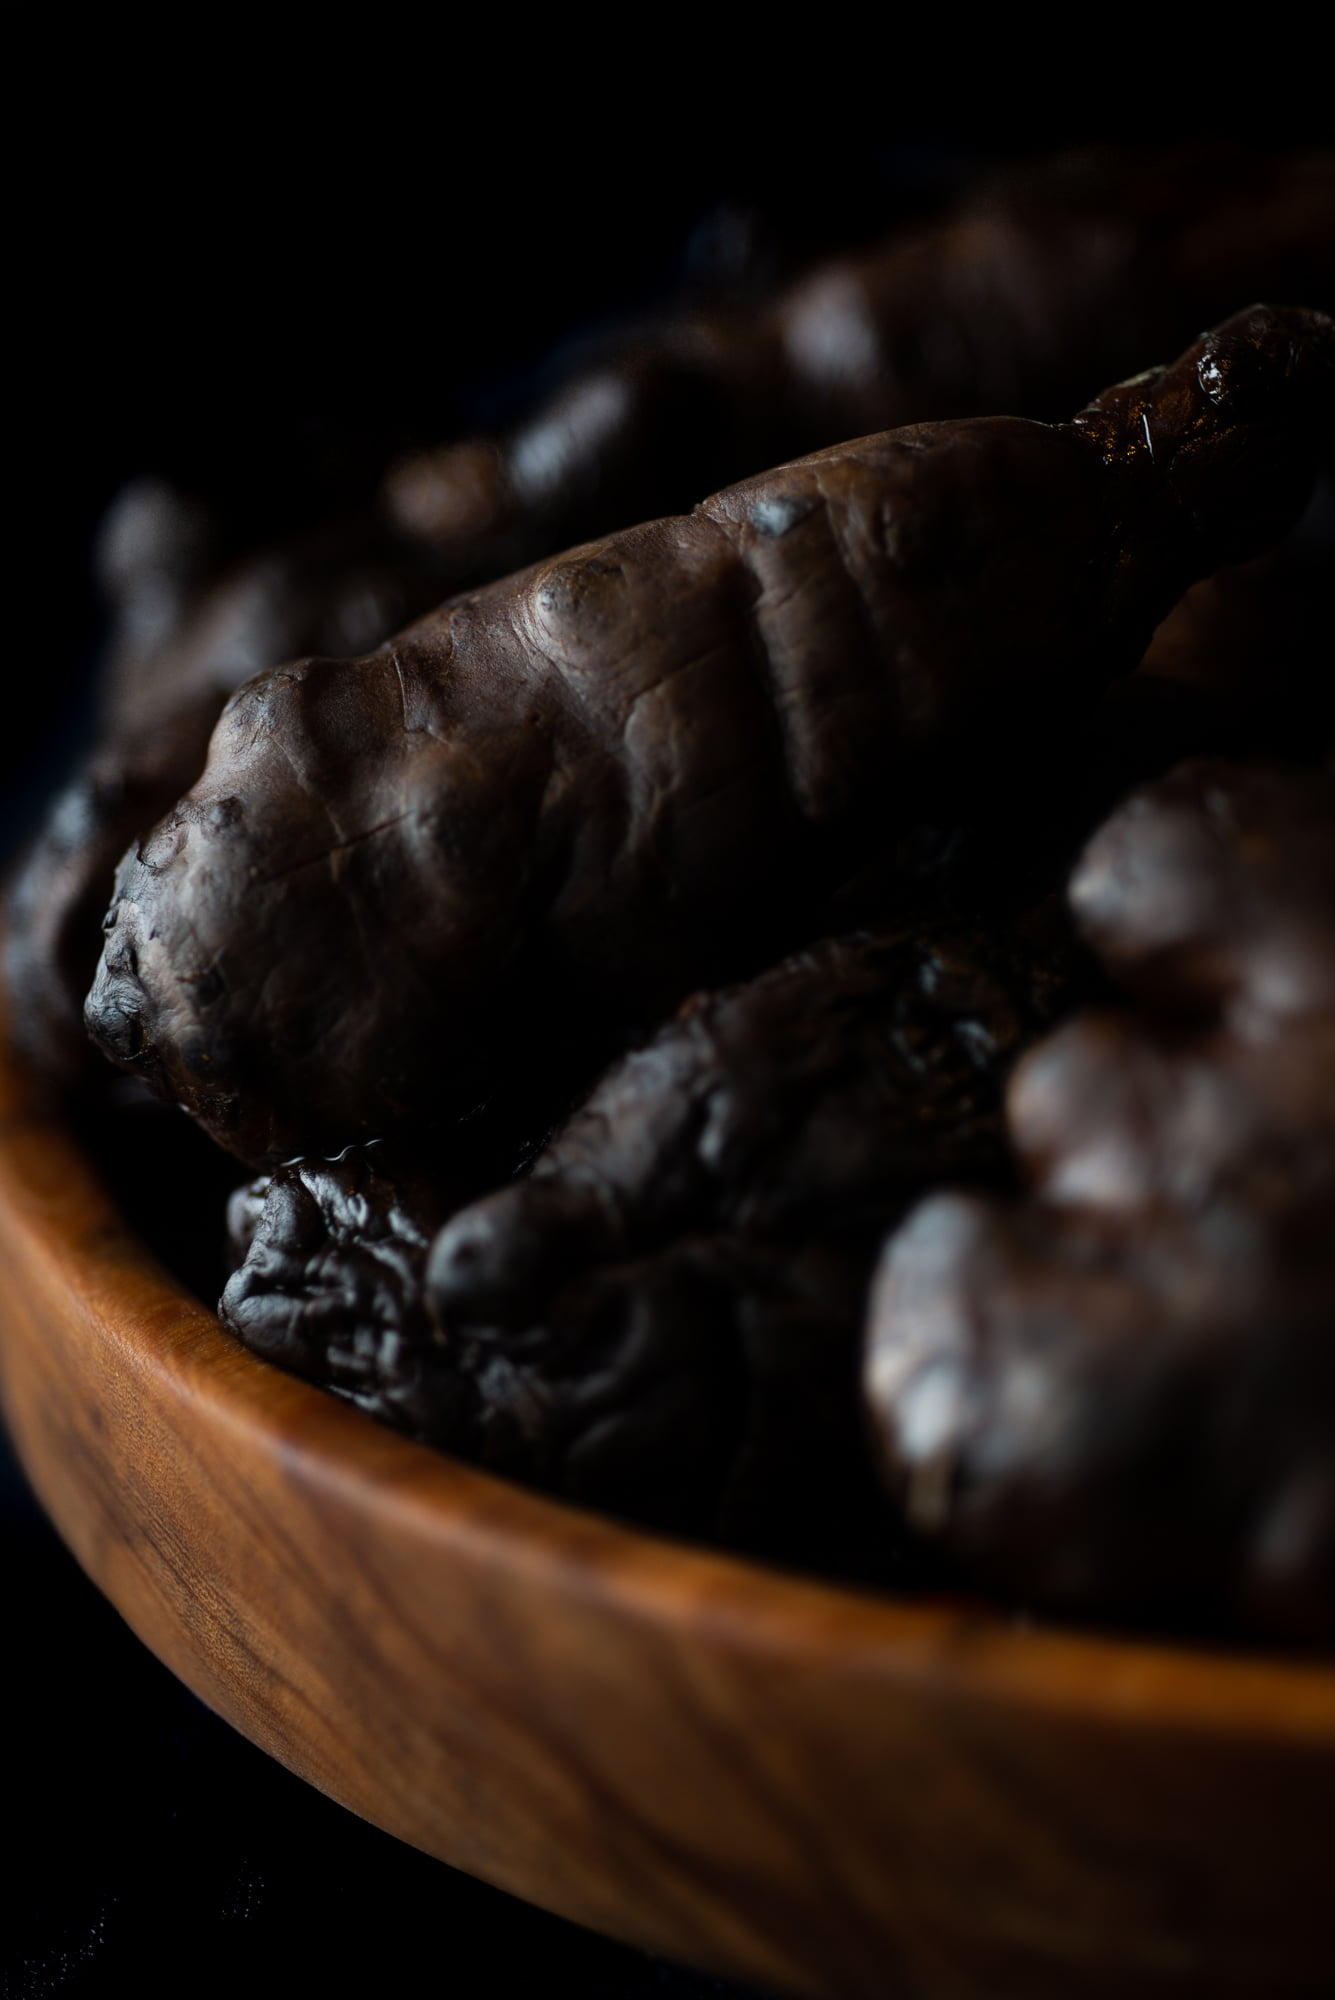 https://www.chilarestaurant.com/vegetales-negros/07_07_chila-2571/